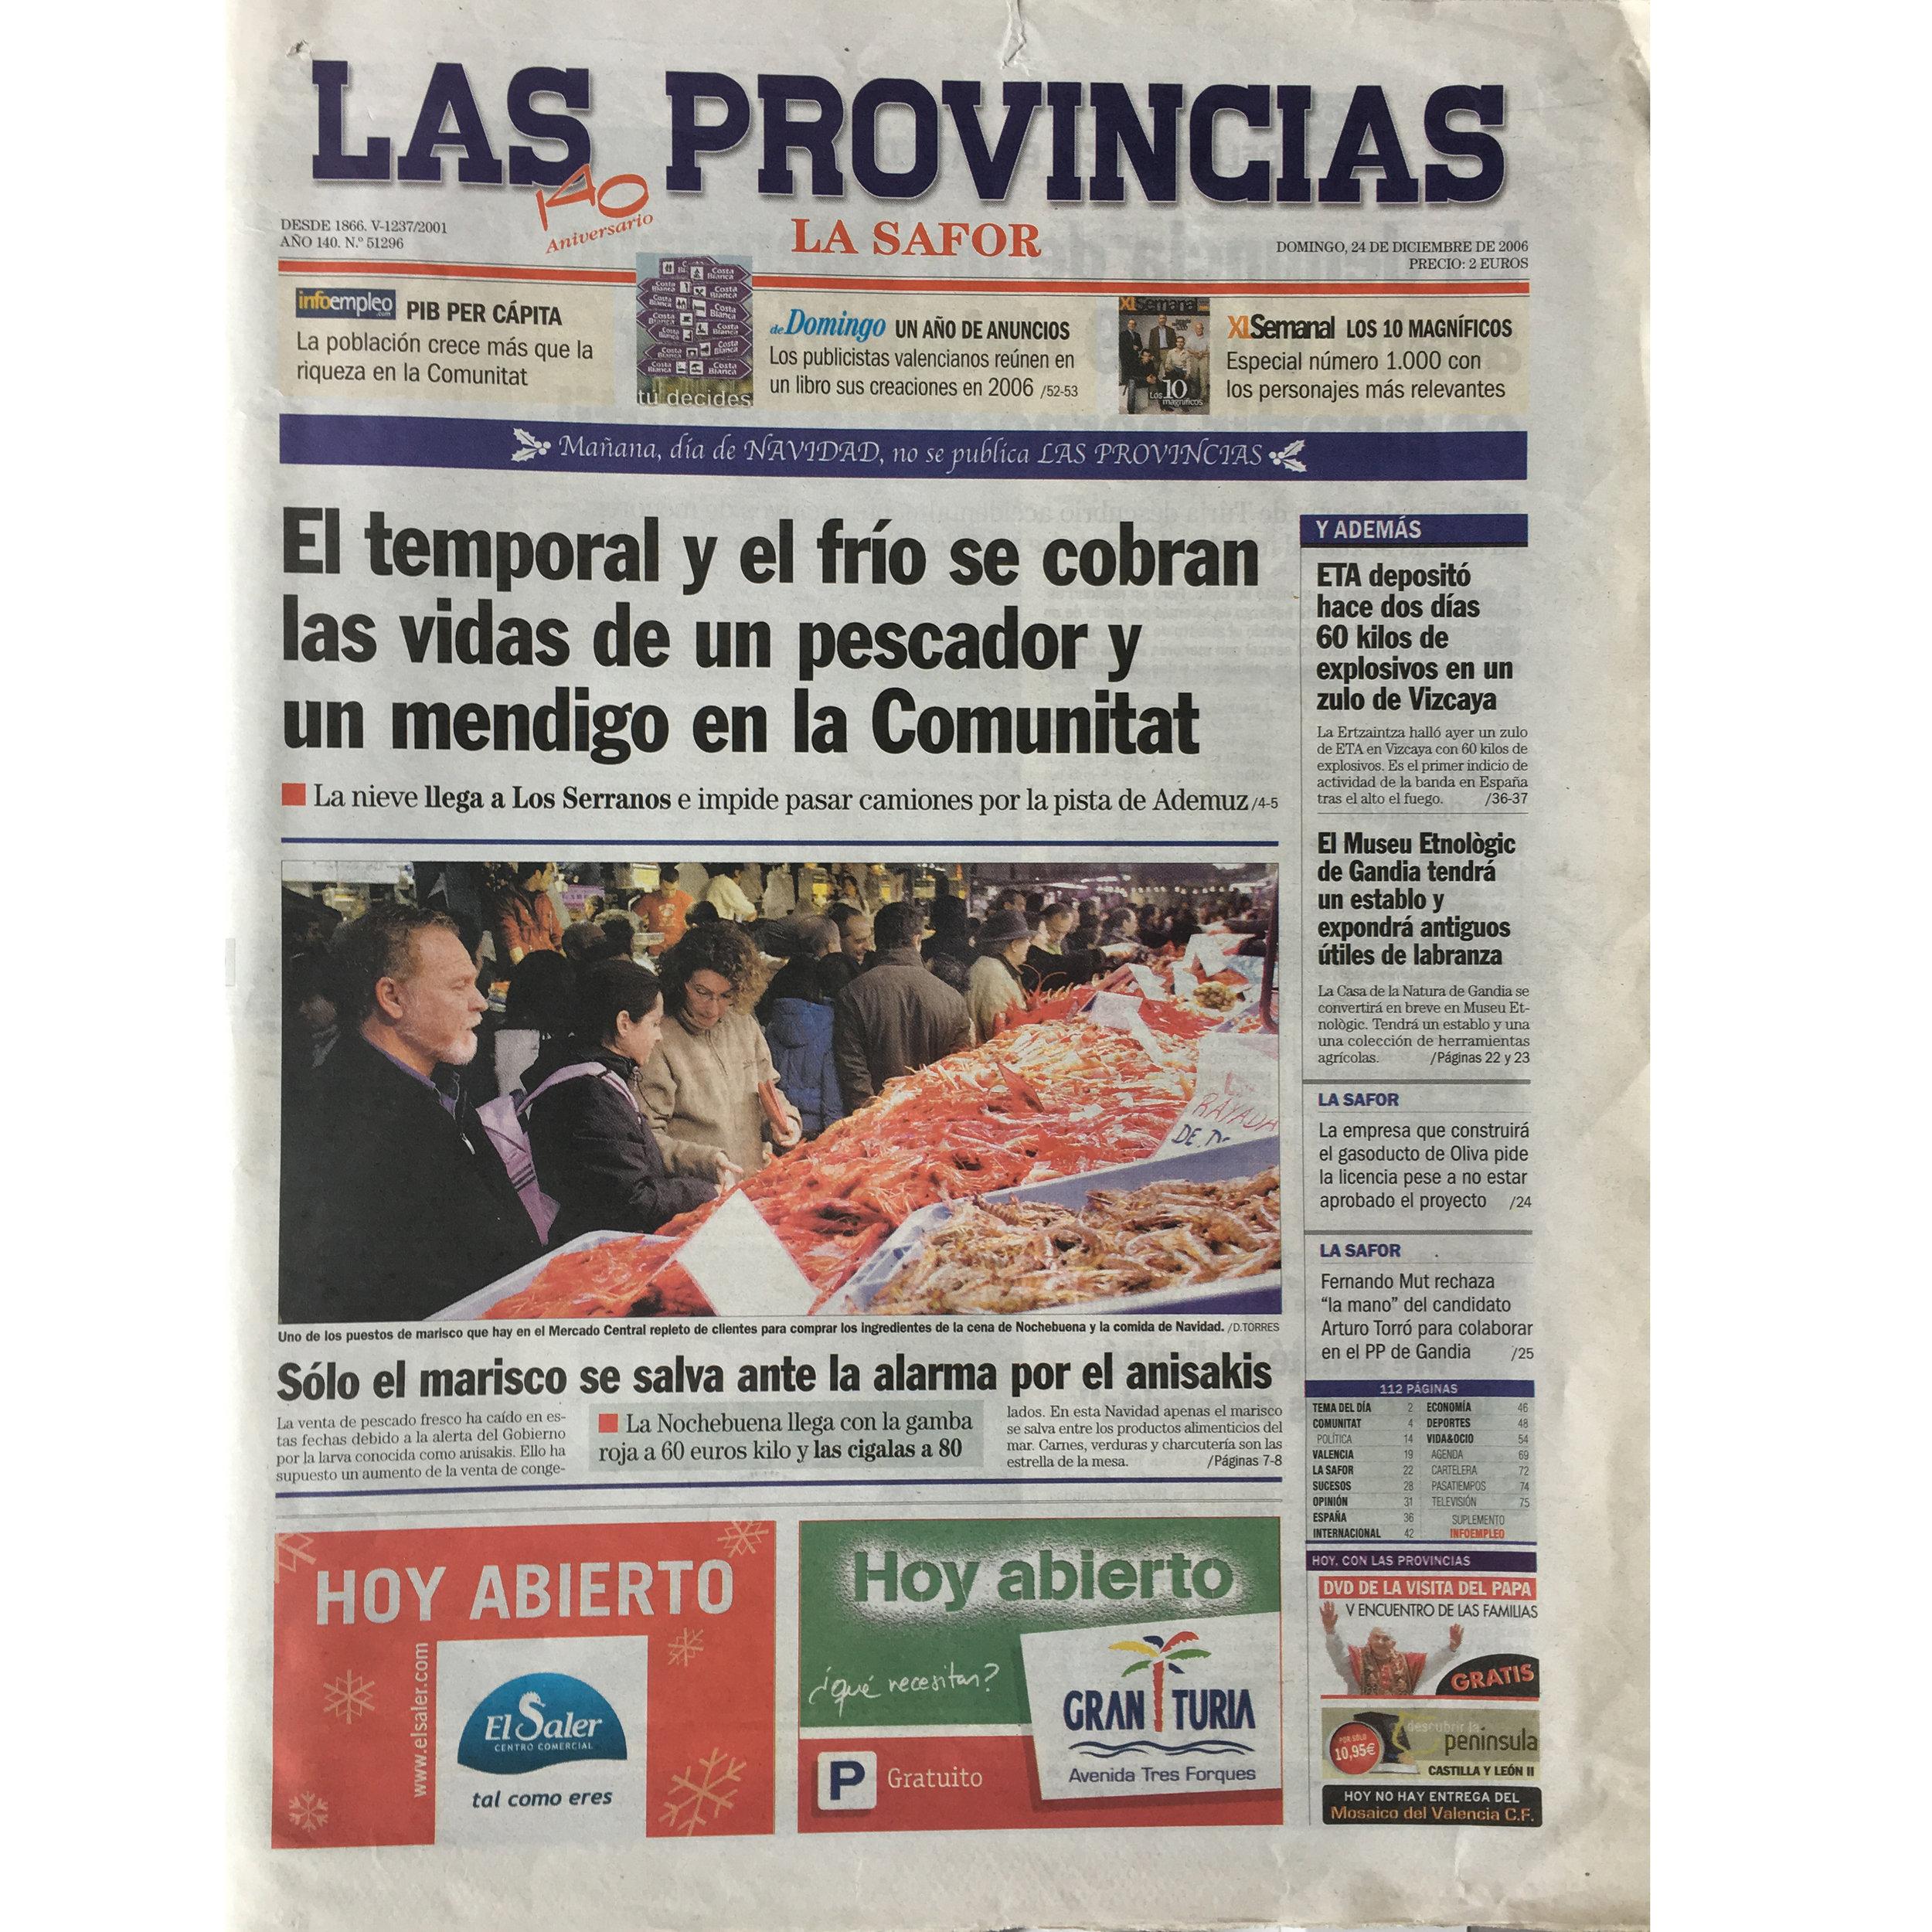 Las Provincias. 2006. (Printed publication)